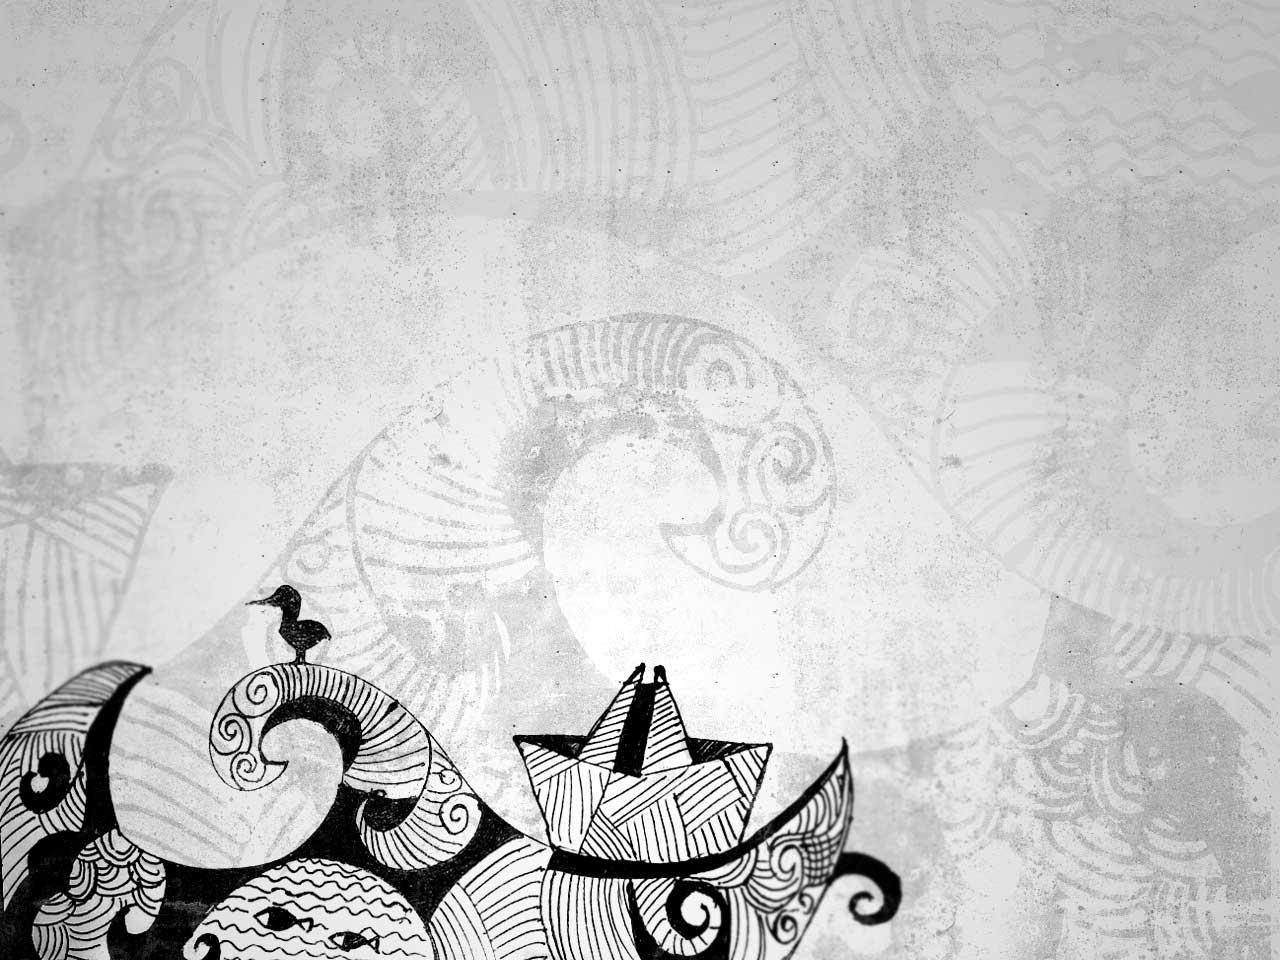 Random doodle by freakyframes